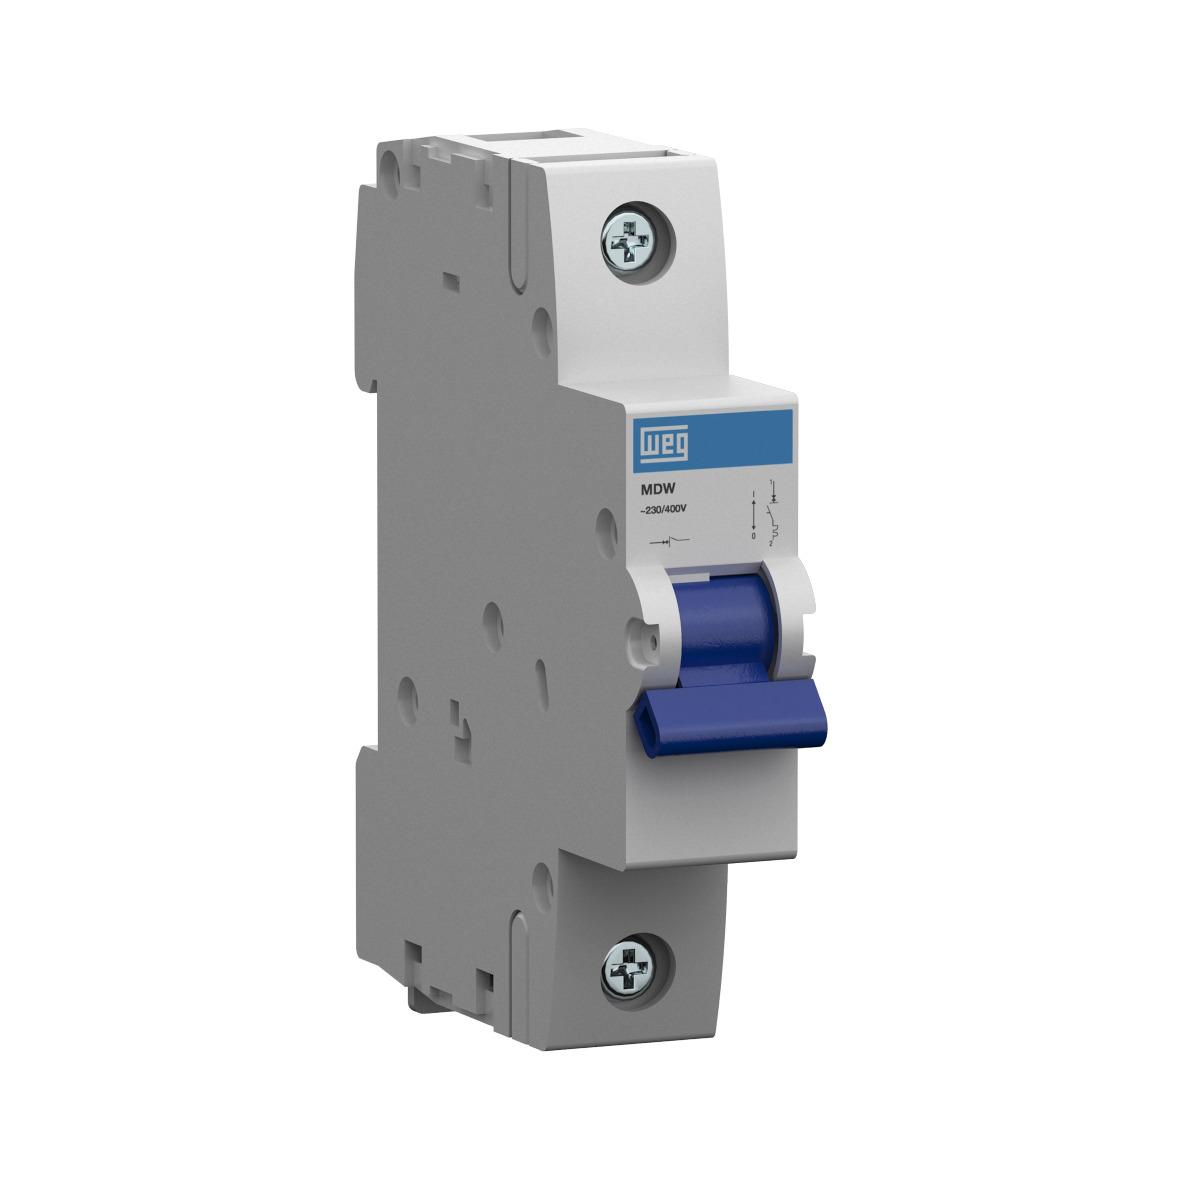 Minidisjuntor Termomagnético Weg Mdw-C25